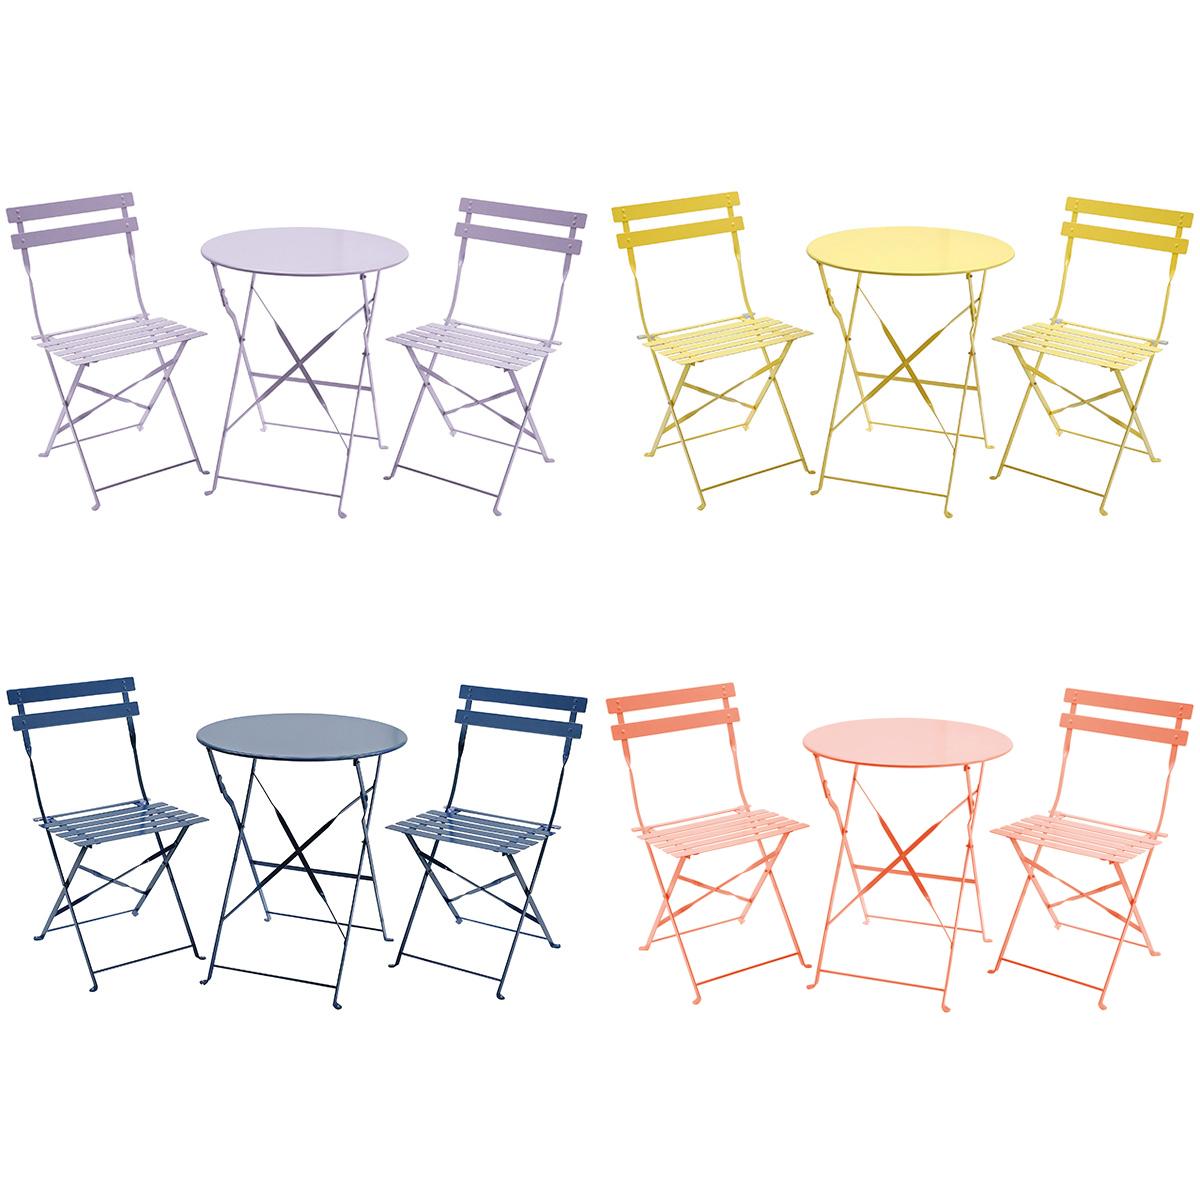 Détails sur Salon de jardin pliable 3 pièces - table ronde/2 chaises -  style bistro - métal